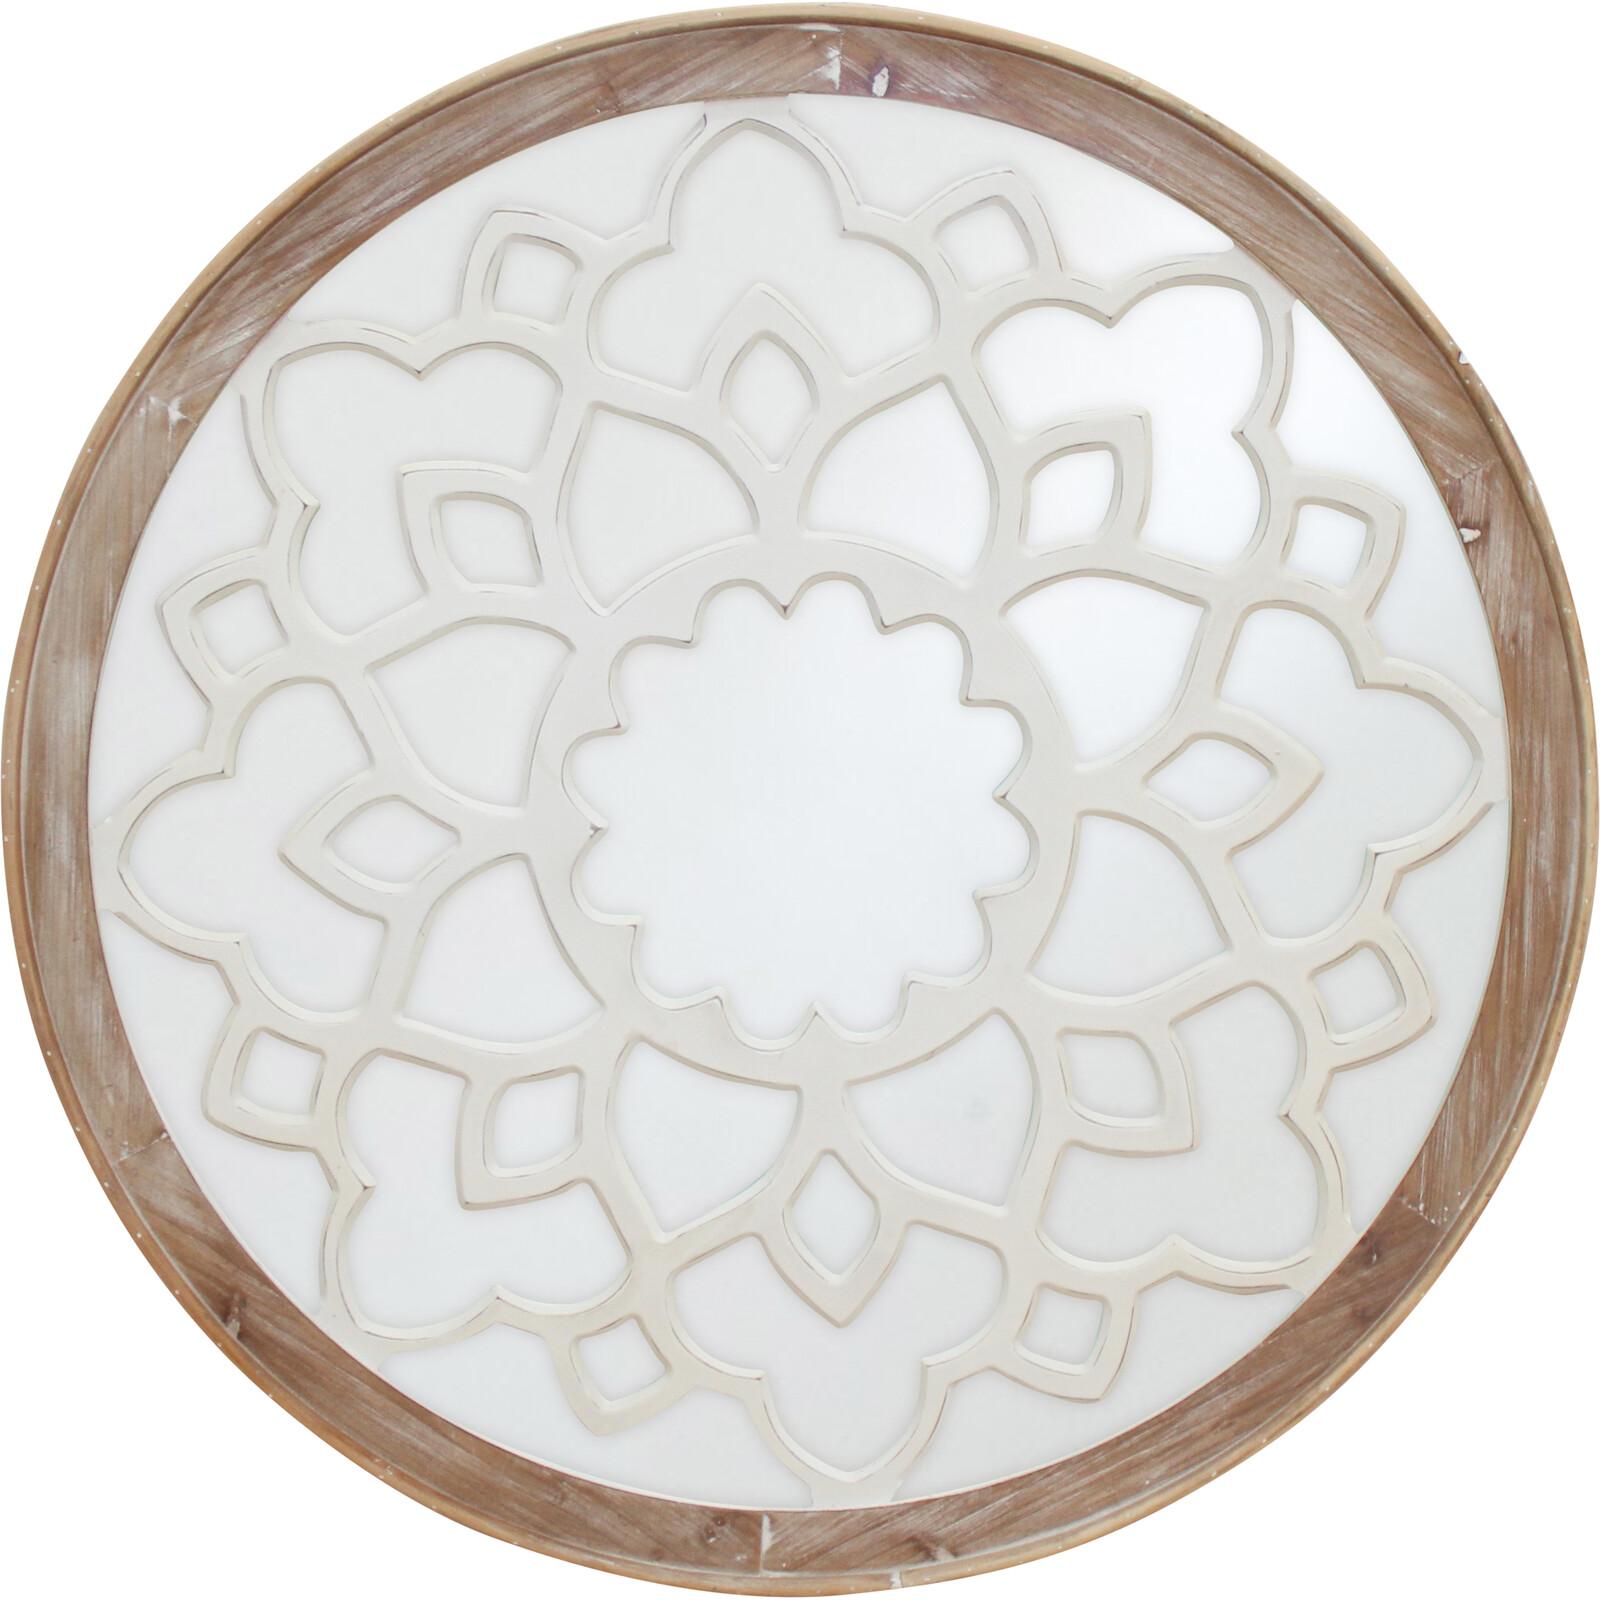 Mirror Round Cut Work